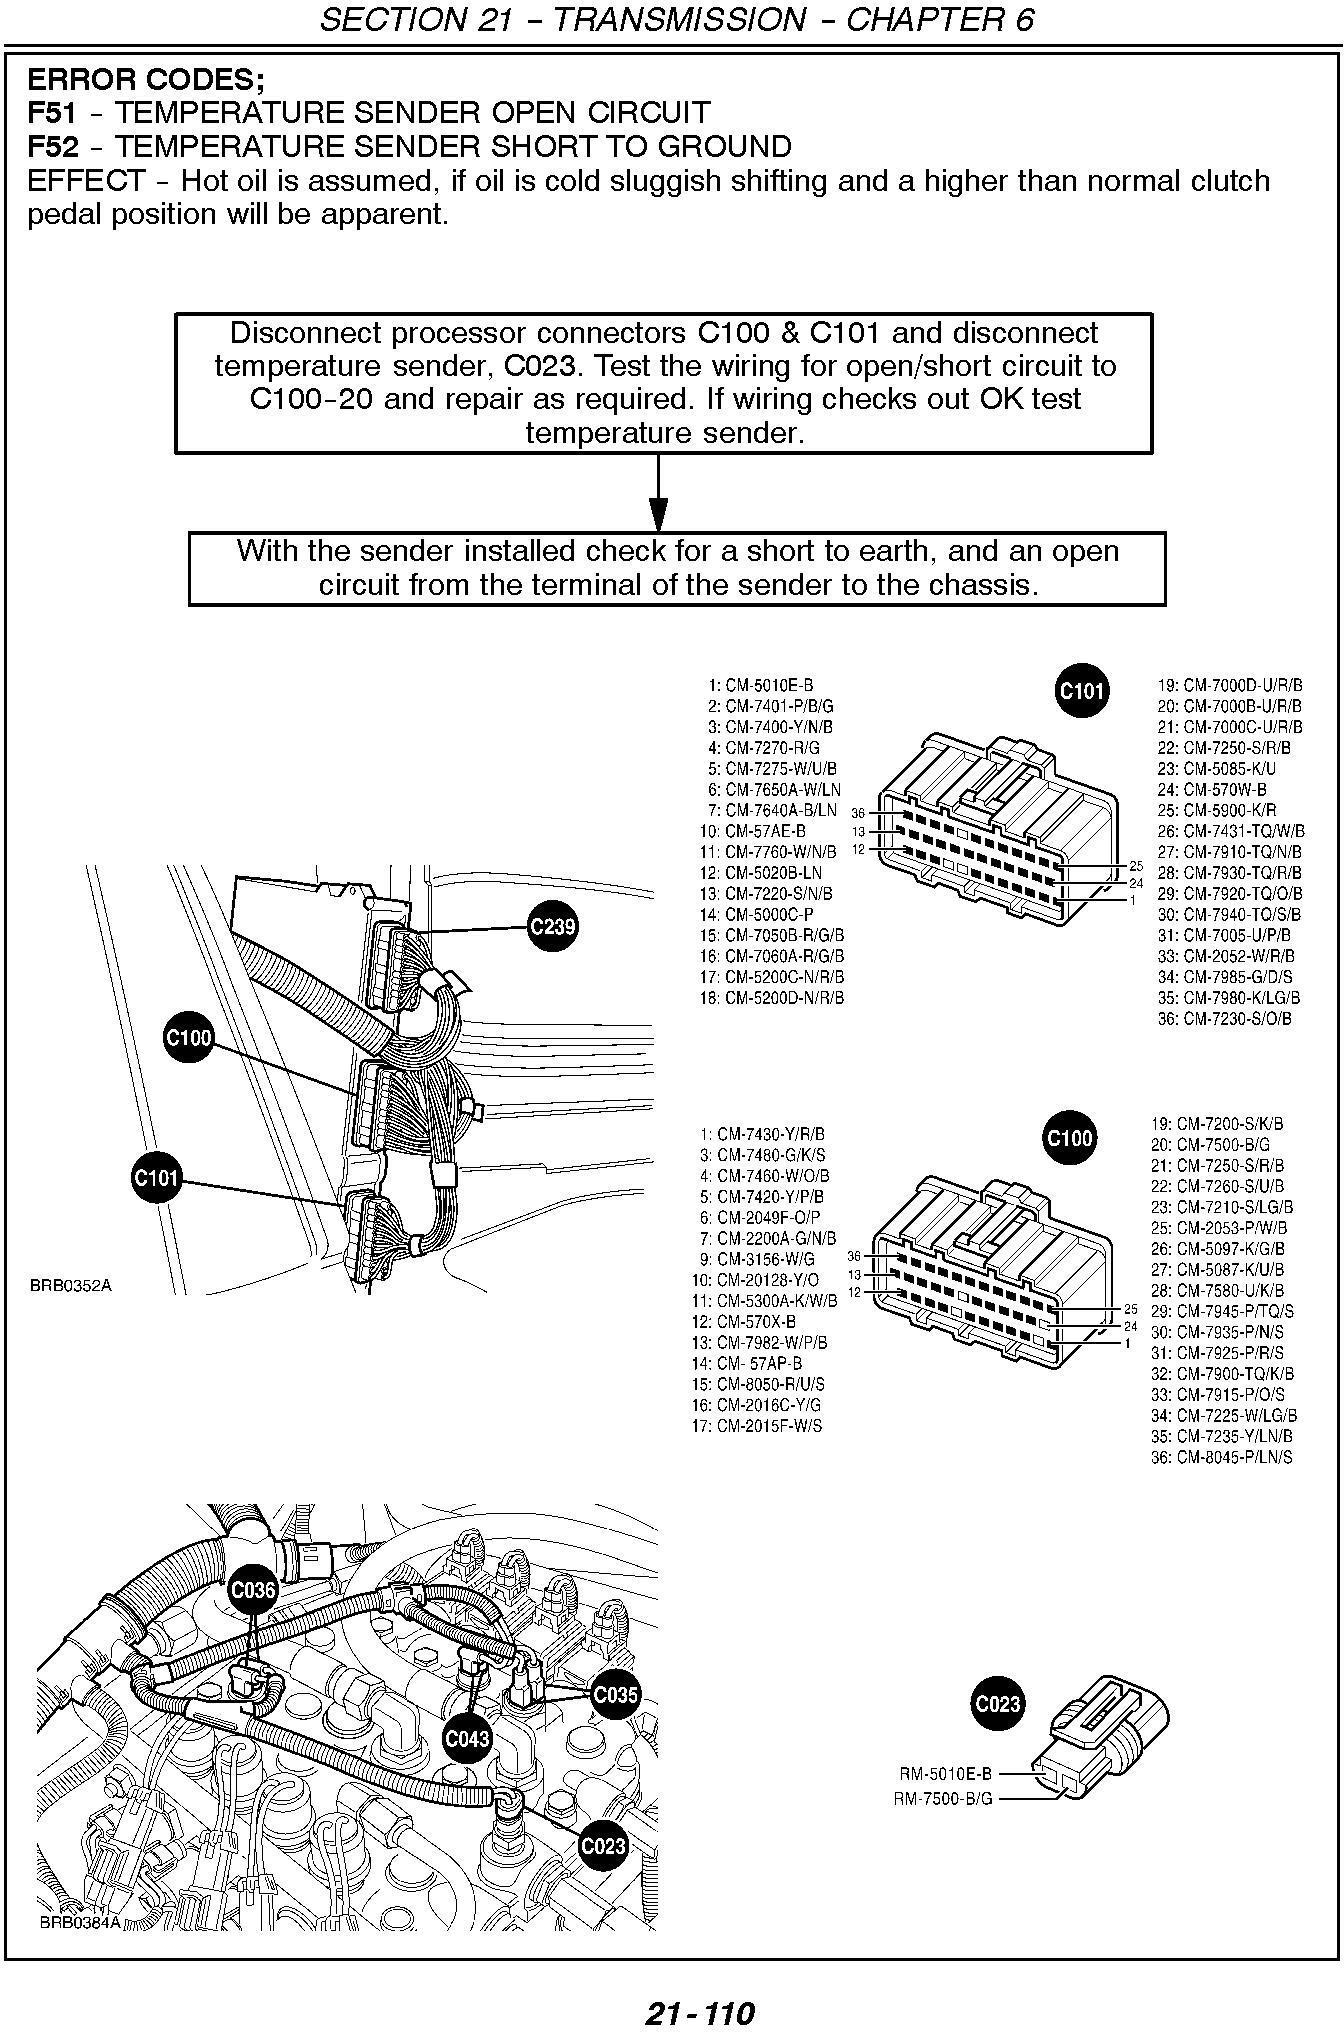 New Holland TM115, TM125, TM135, TM150, TM165 Tractor Comlete Service Manual - 3